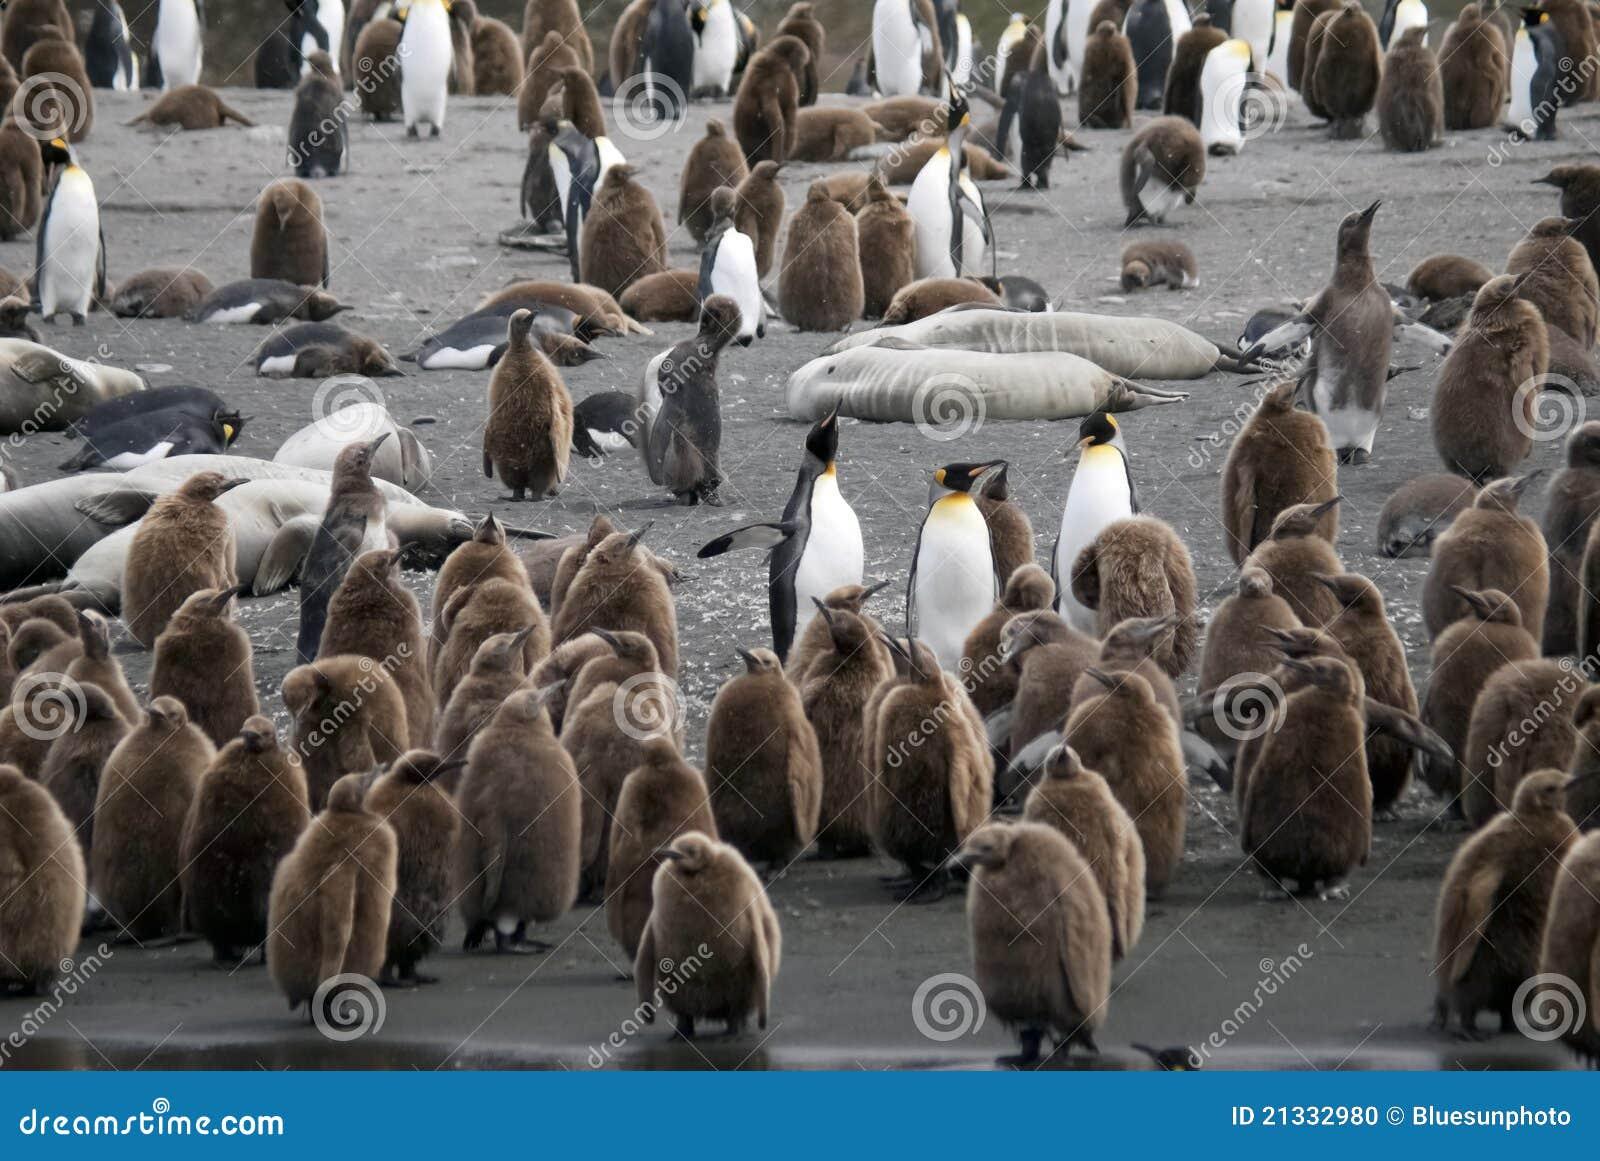 Colônia do rei pinguim